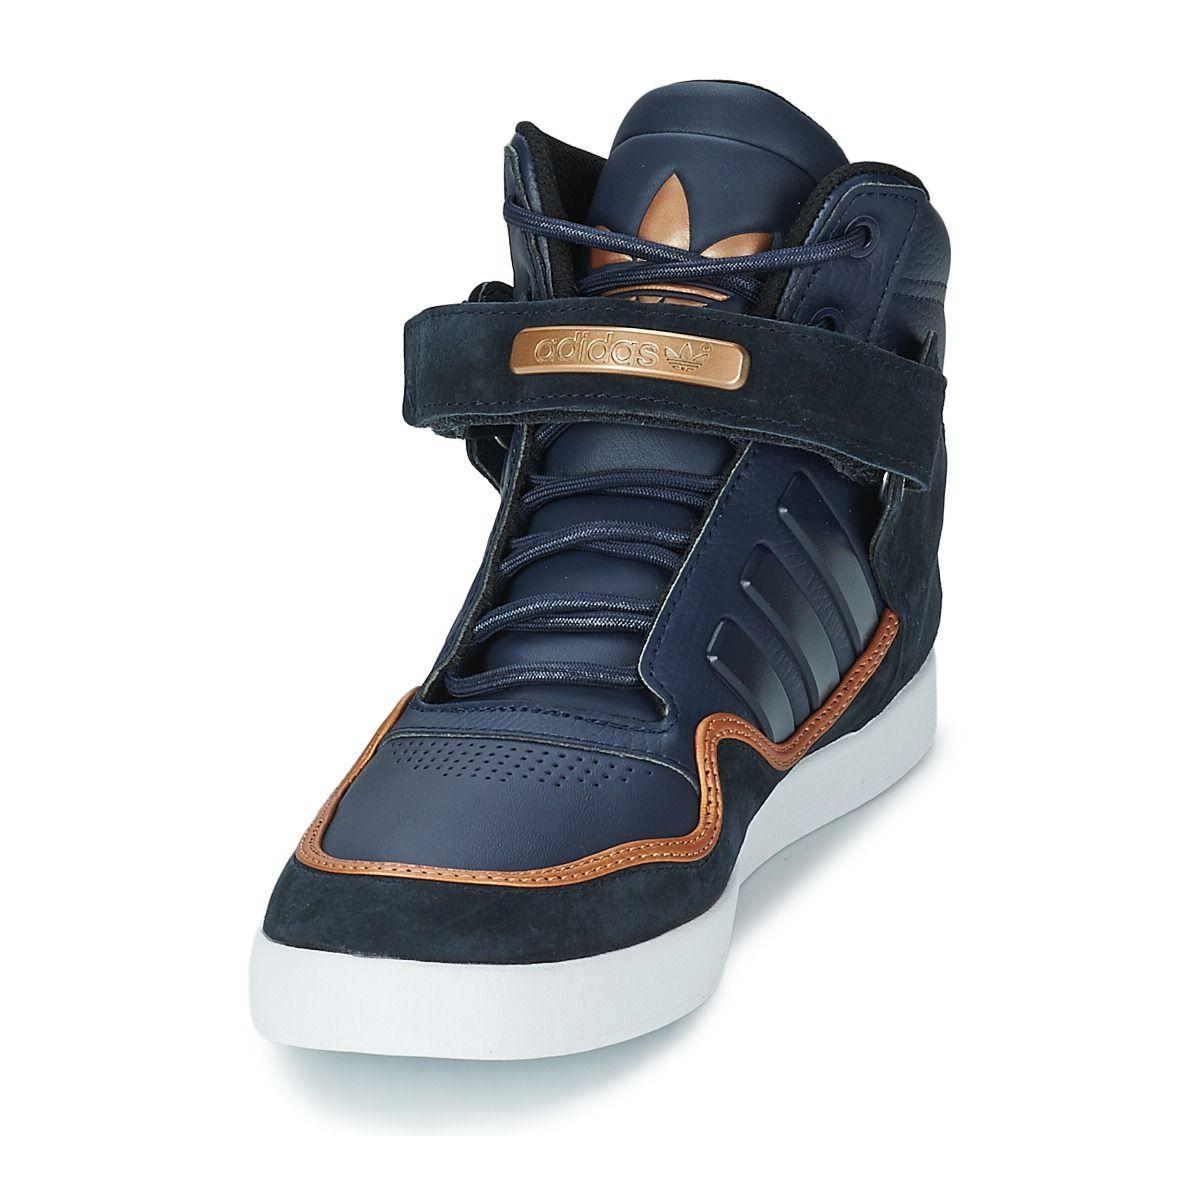 best service 7a225 3f950 adidas Originals AR 2.0 Bleu Chaussures Adidas, Mode Homme, Tes, Kobe,  Adidas